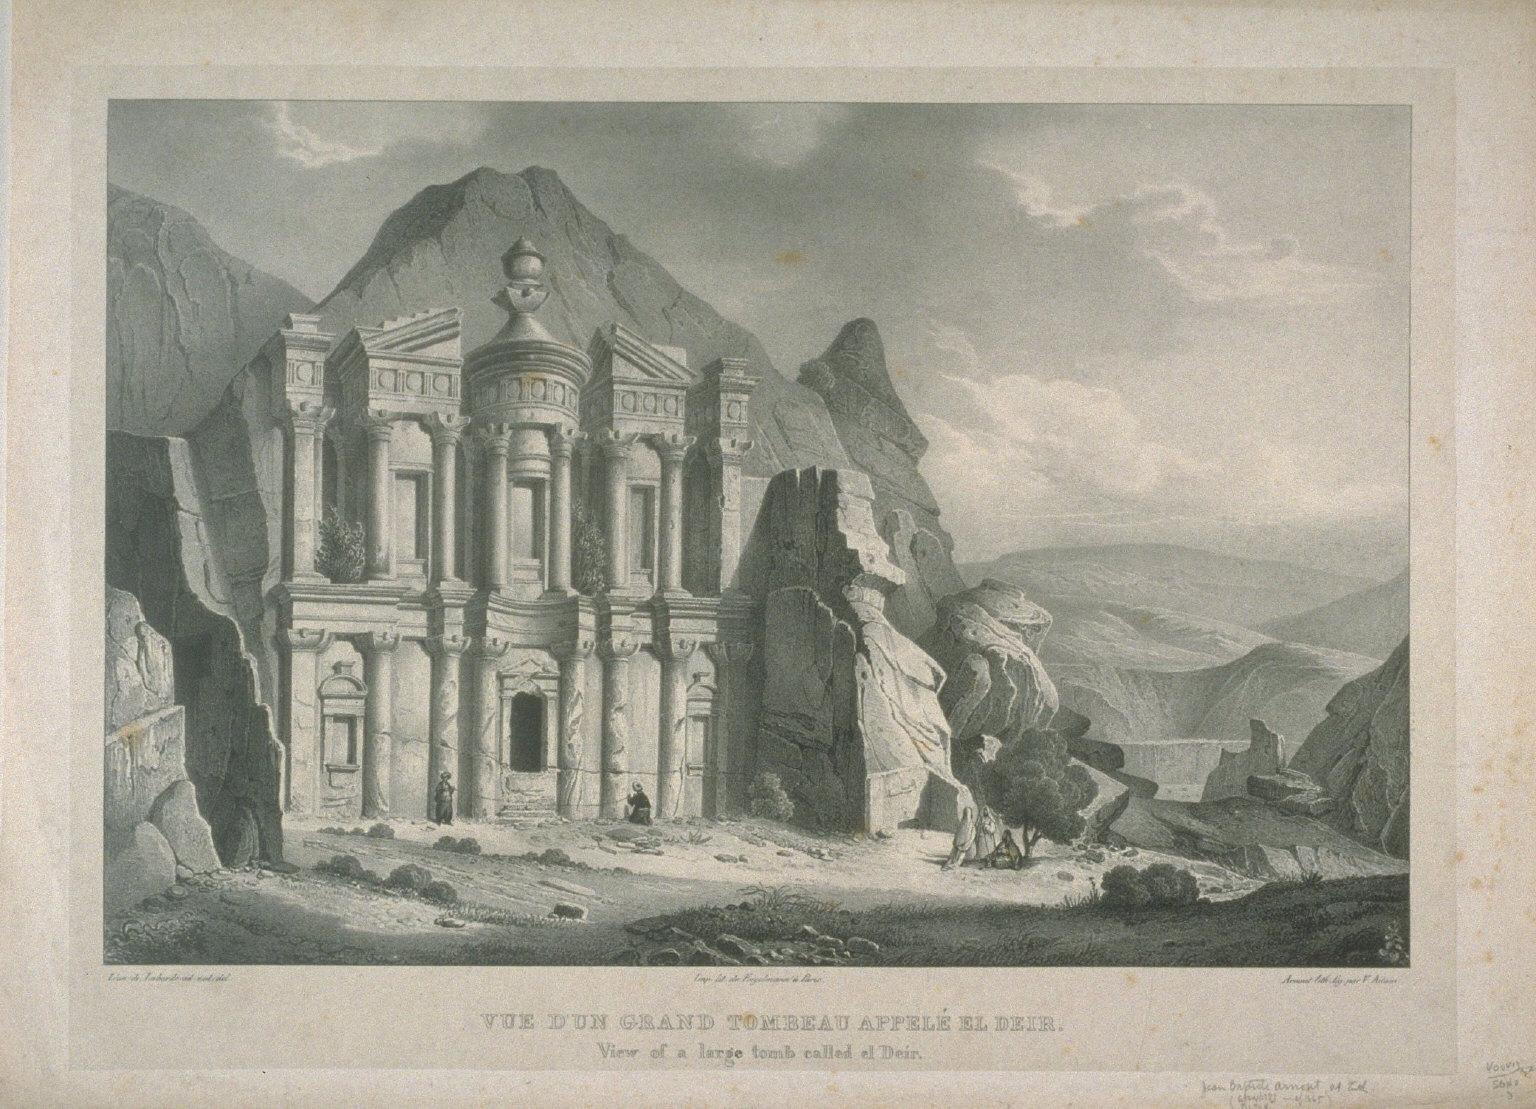 Vue d'un grand tombeau appele El Dier, Petra